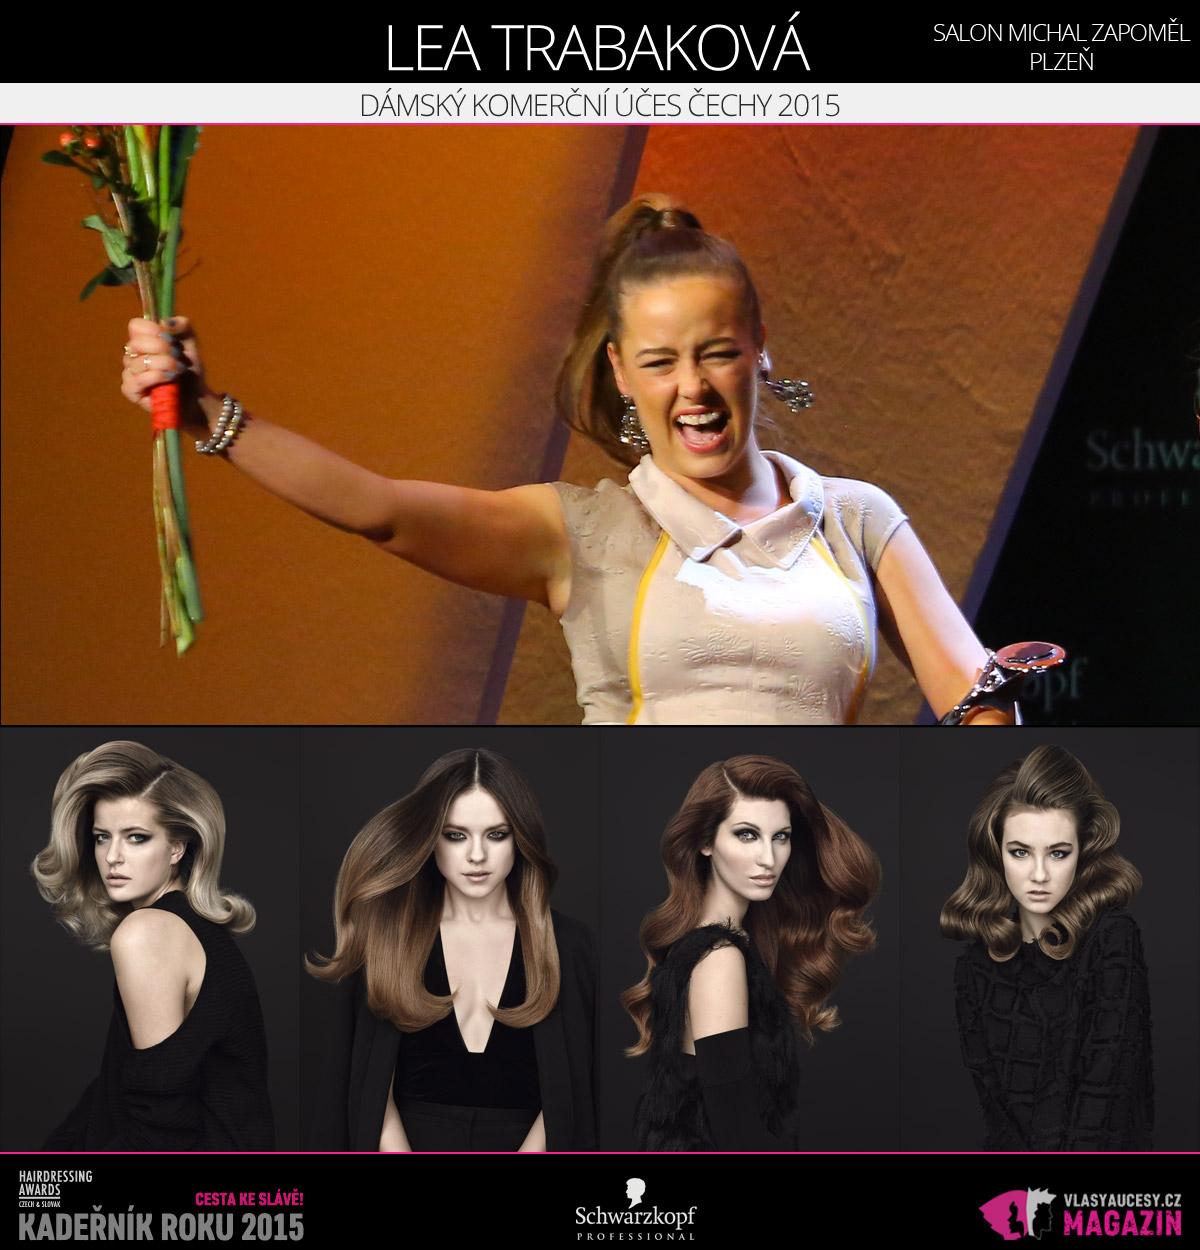 Vítězem v kategorii Dámský komerční účes Čechy Czech and Slovak Hairdressing Awards 2015 je Lea Trabaková ze Salonu Michal Zapoměl v Plzni.